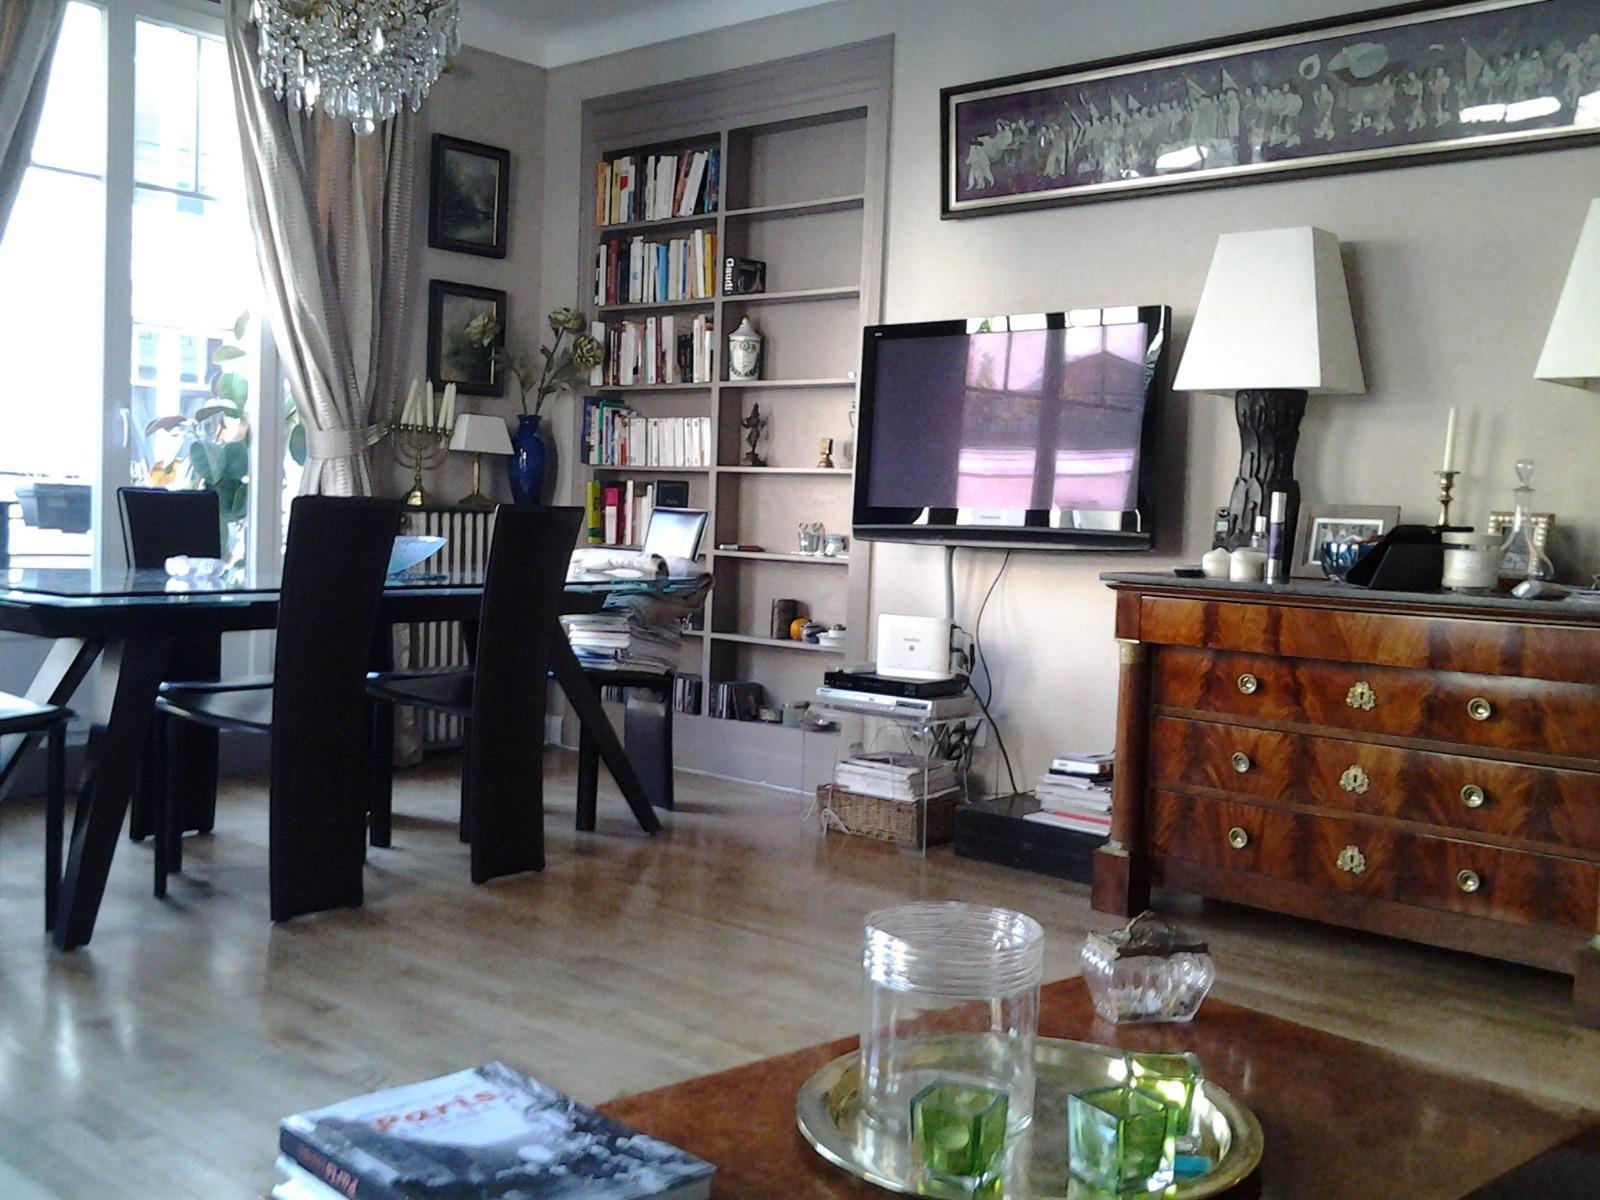 Très Bel Appartement 3 Pièces Meublé Paris 16. Accueil · Paris; Très Bel  Appartement 3 Pièces Meublé Paris 16.